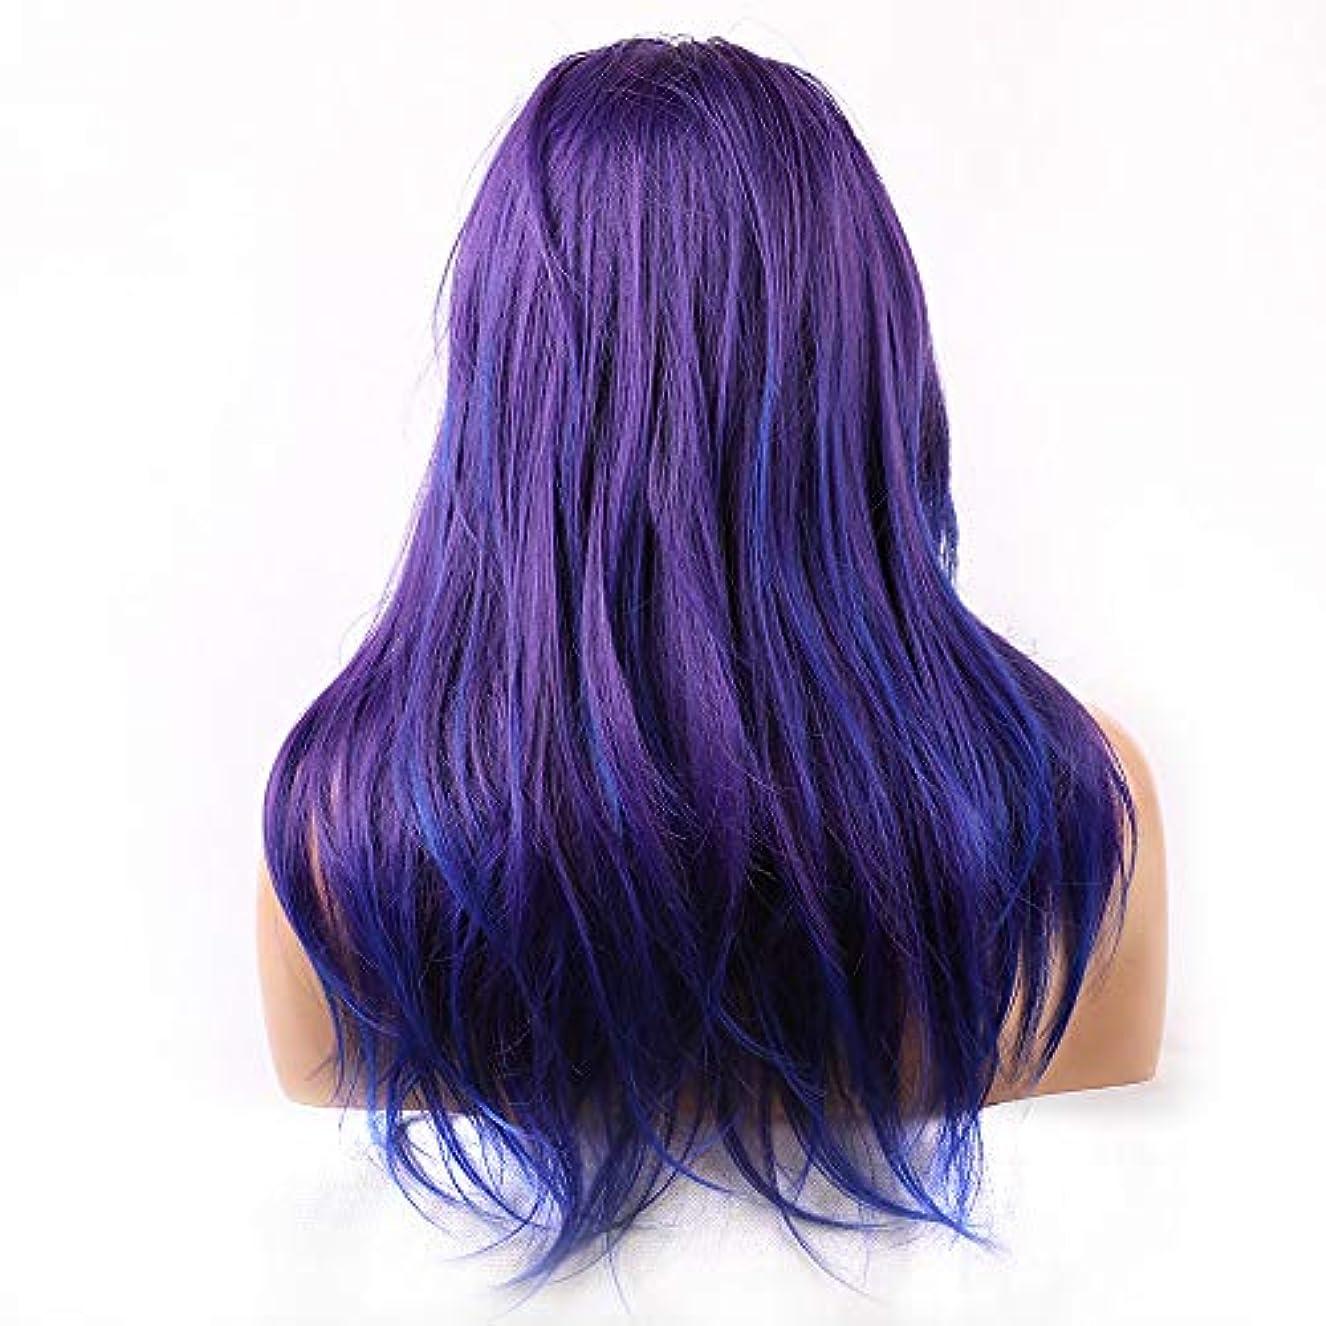 スワップ満足できる輪郭レースCOSの小道具の前に女性の青い長い巻き毛のかつらをかつら